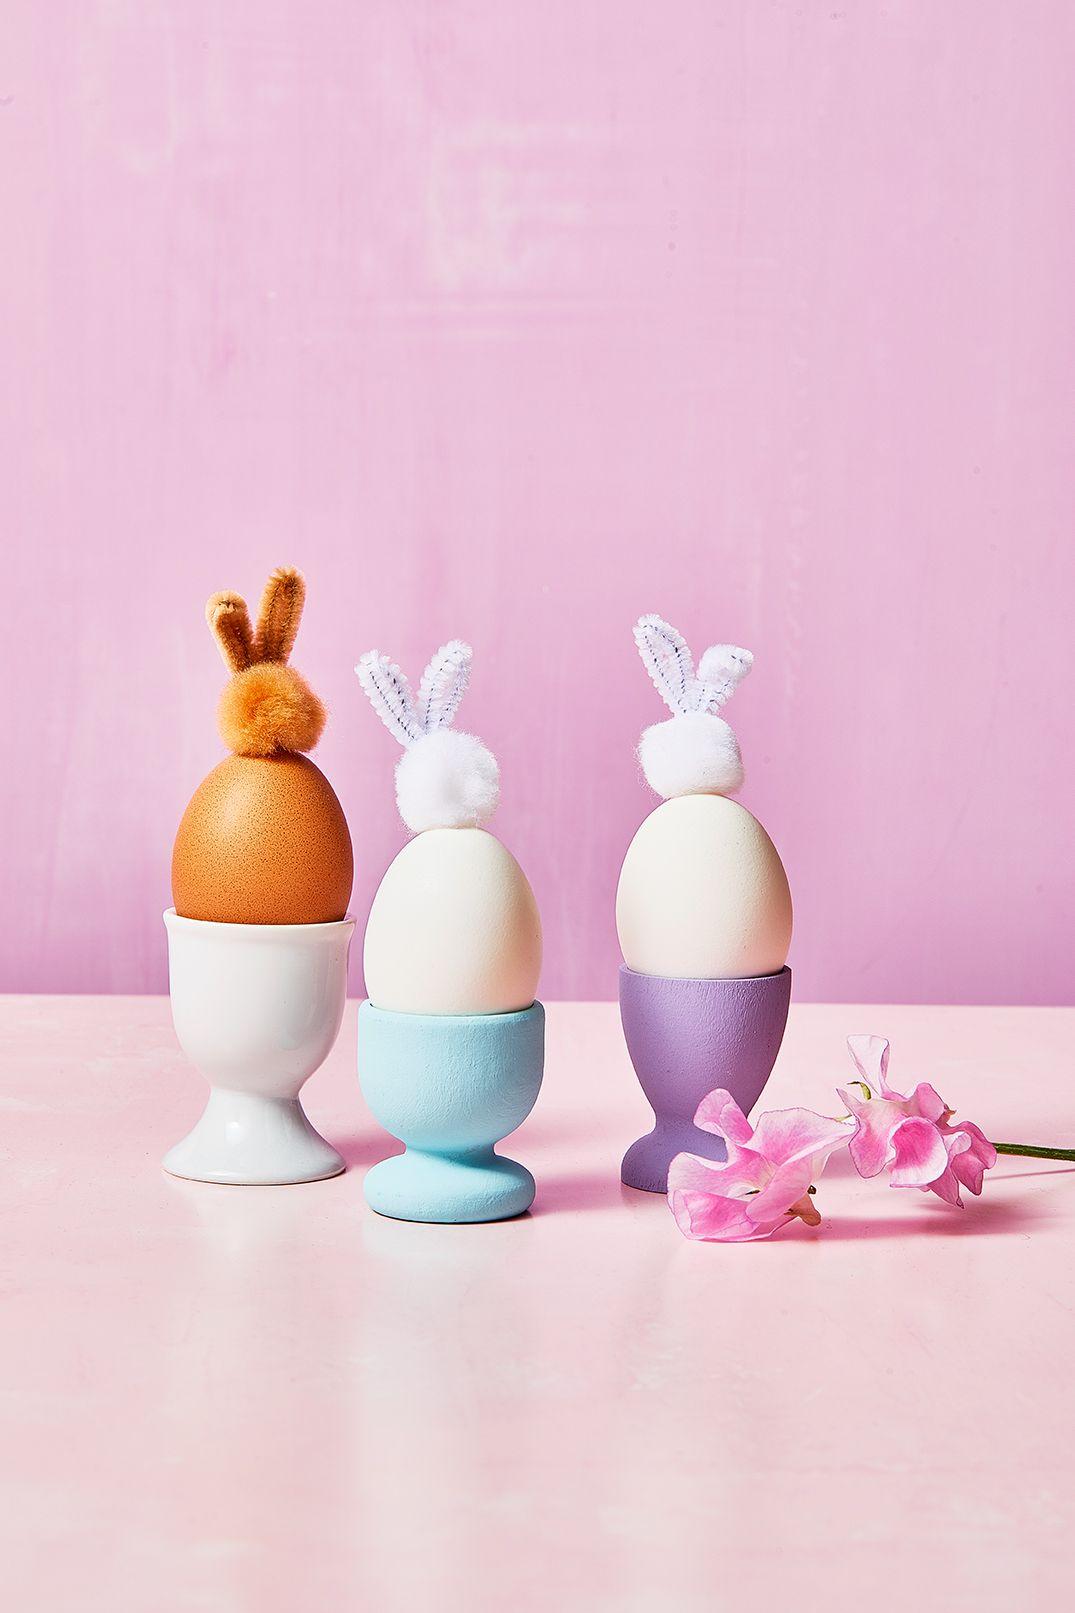 bunny-easter-eggs-1614351577.jpg